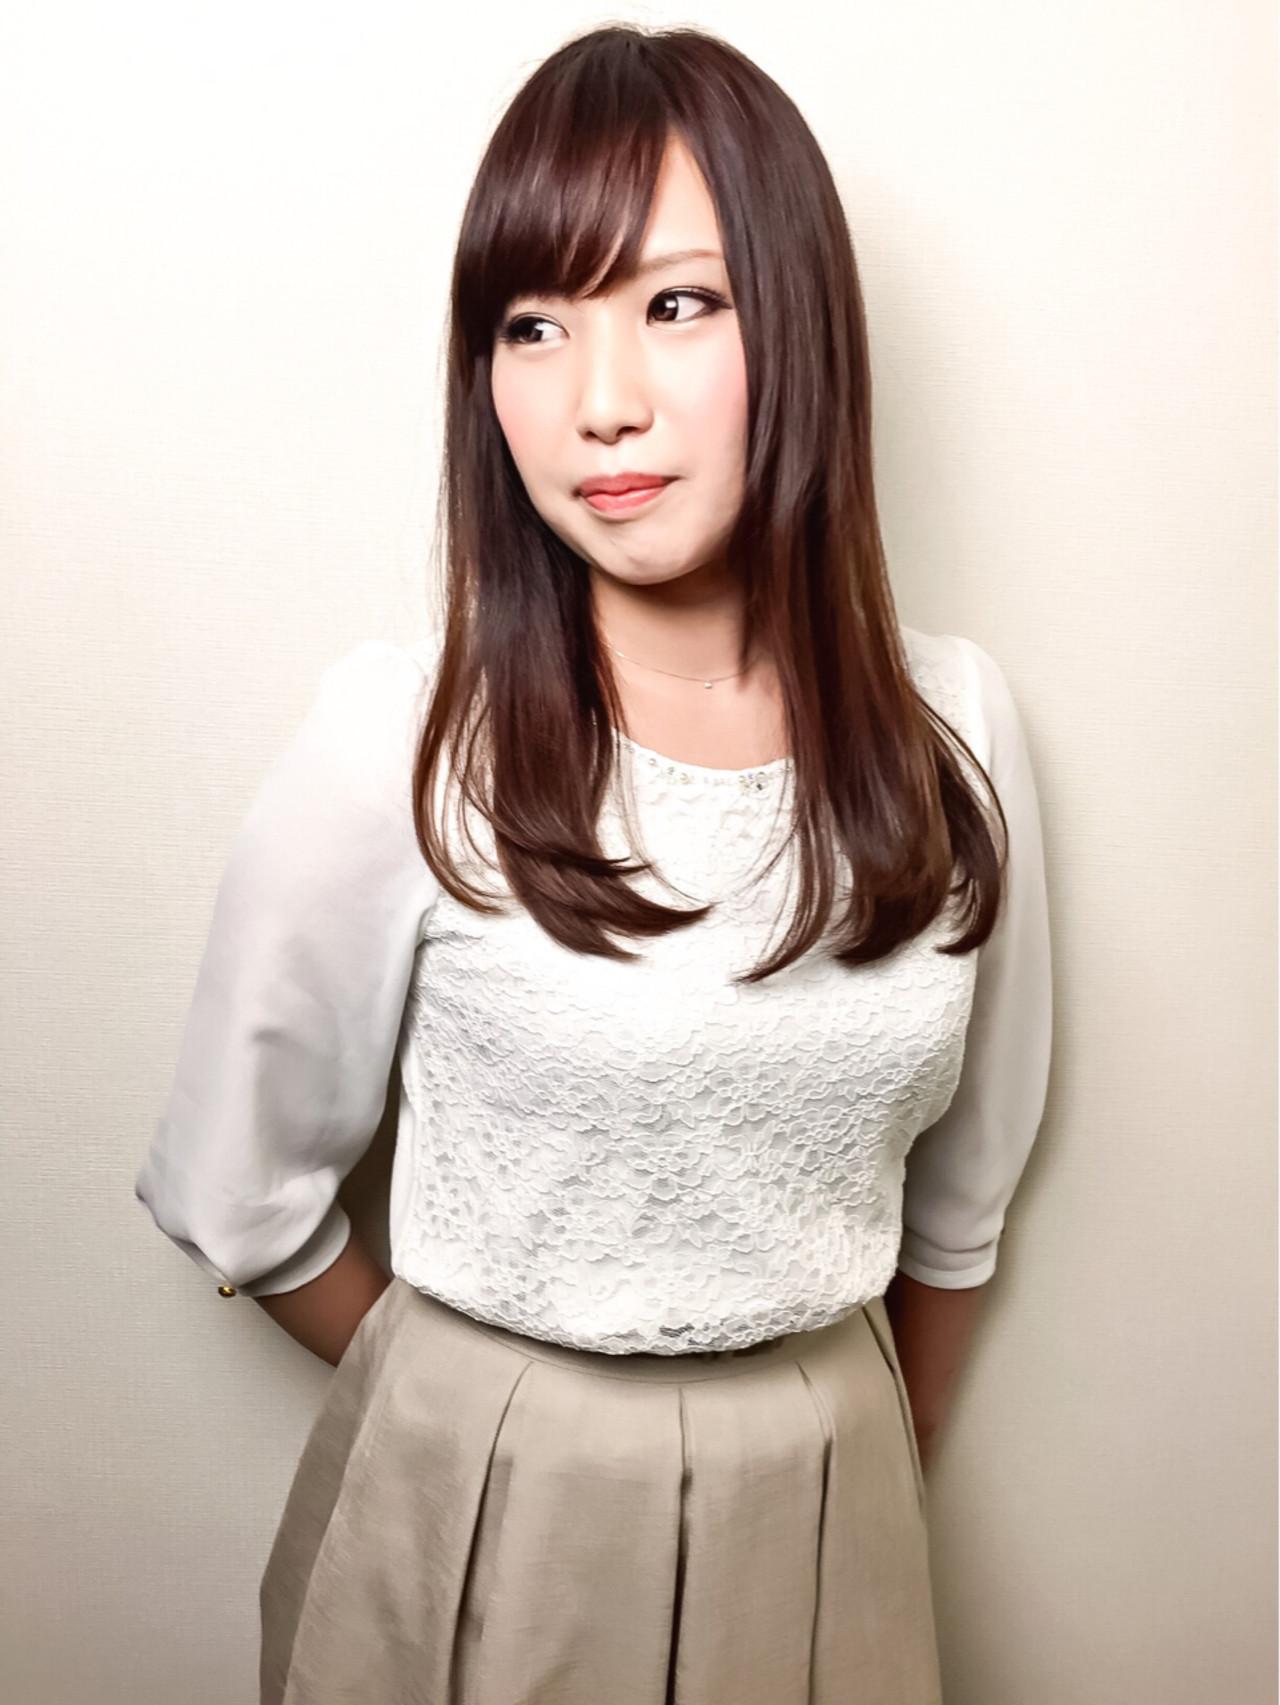 【顔型別】髪型に迷うなら顔の形で決める♡おすすめヘアスタイル集 渡辺 貴明